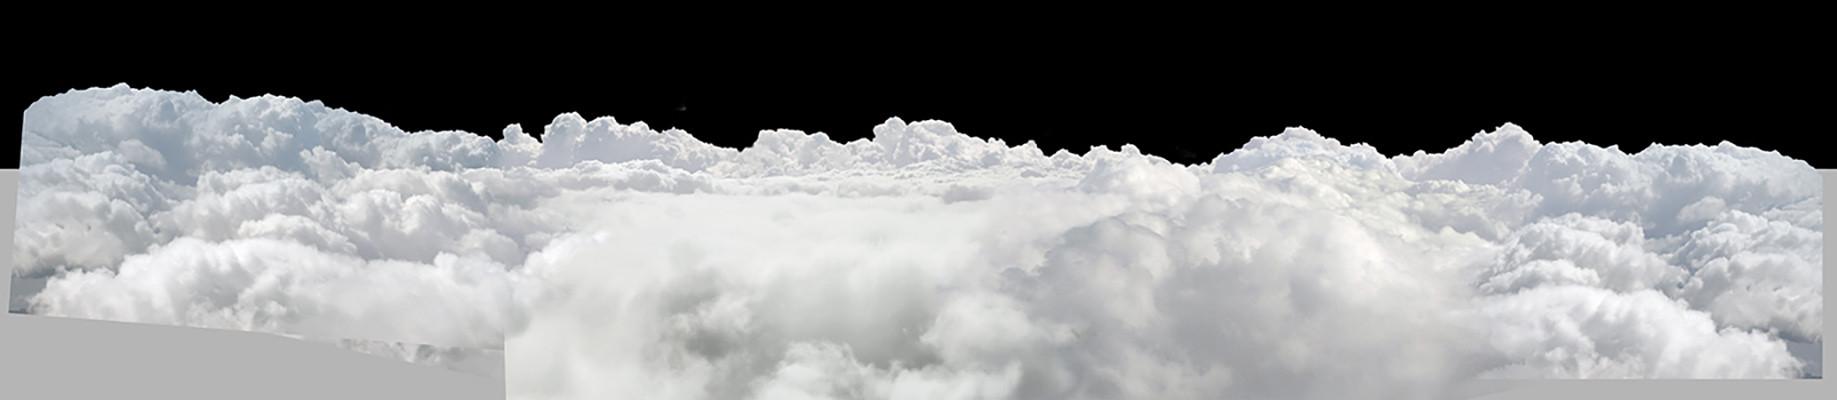 Eva kedves cloud bg 1